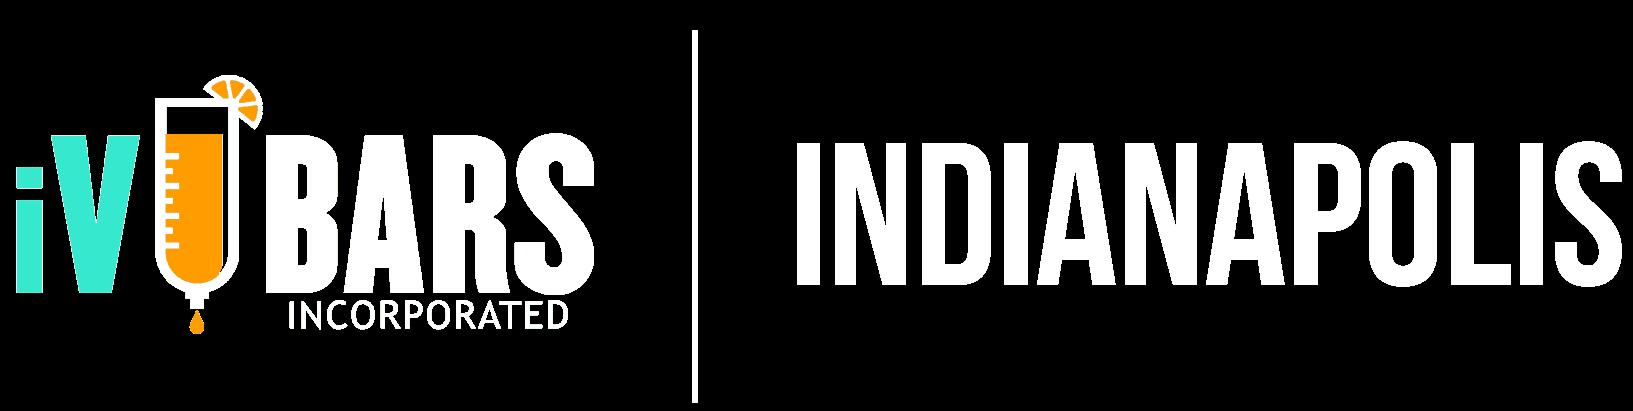 logo of iV bars Indianapolis Indiana